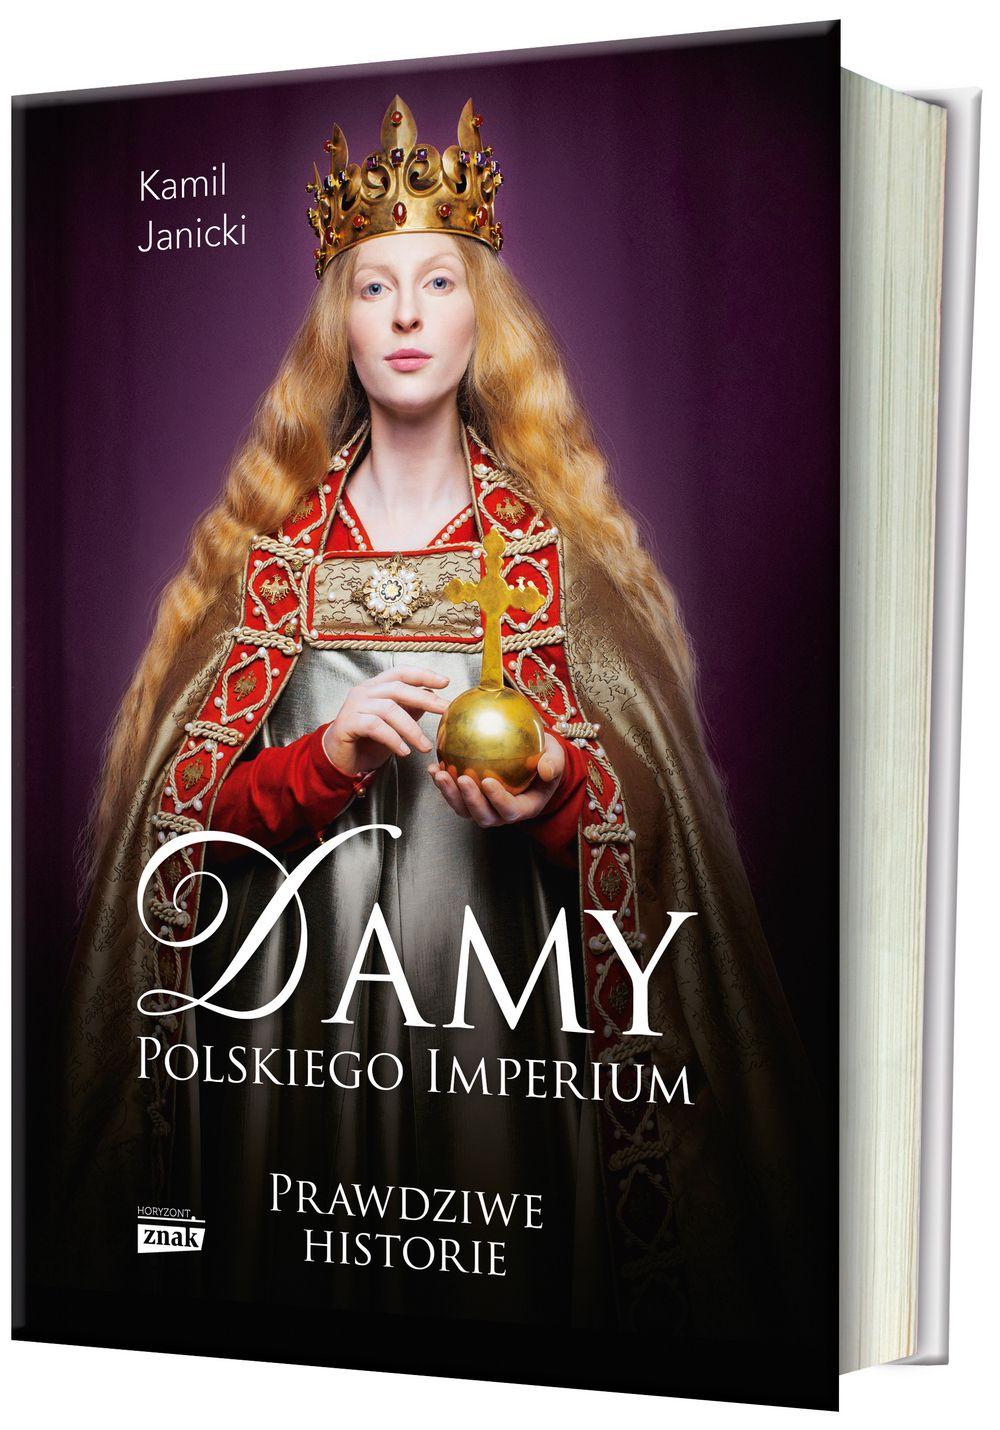 Kup nową książkę Kamila Janickiego w naszej księgarni aż 35% taniej.